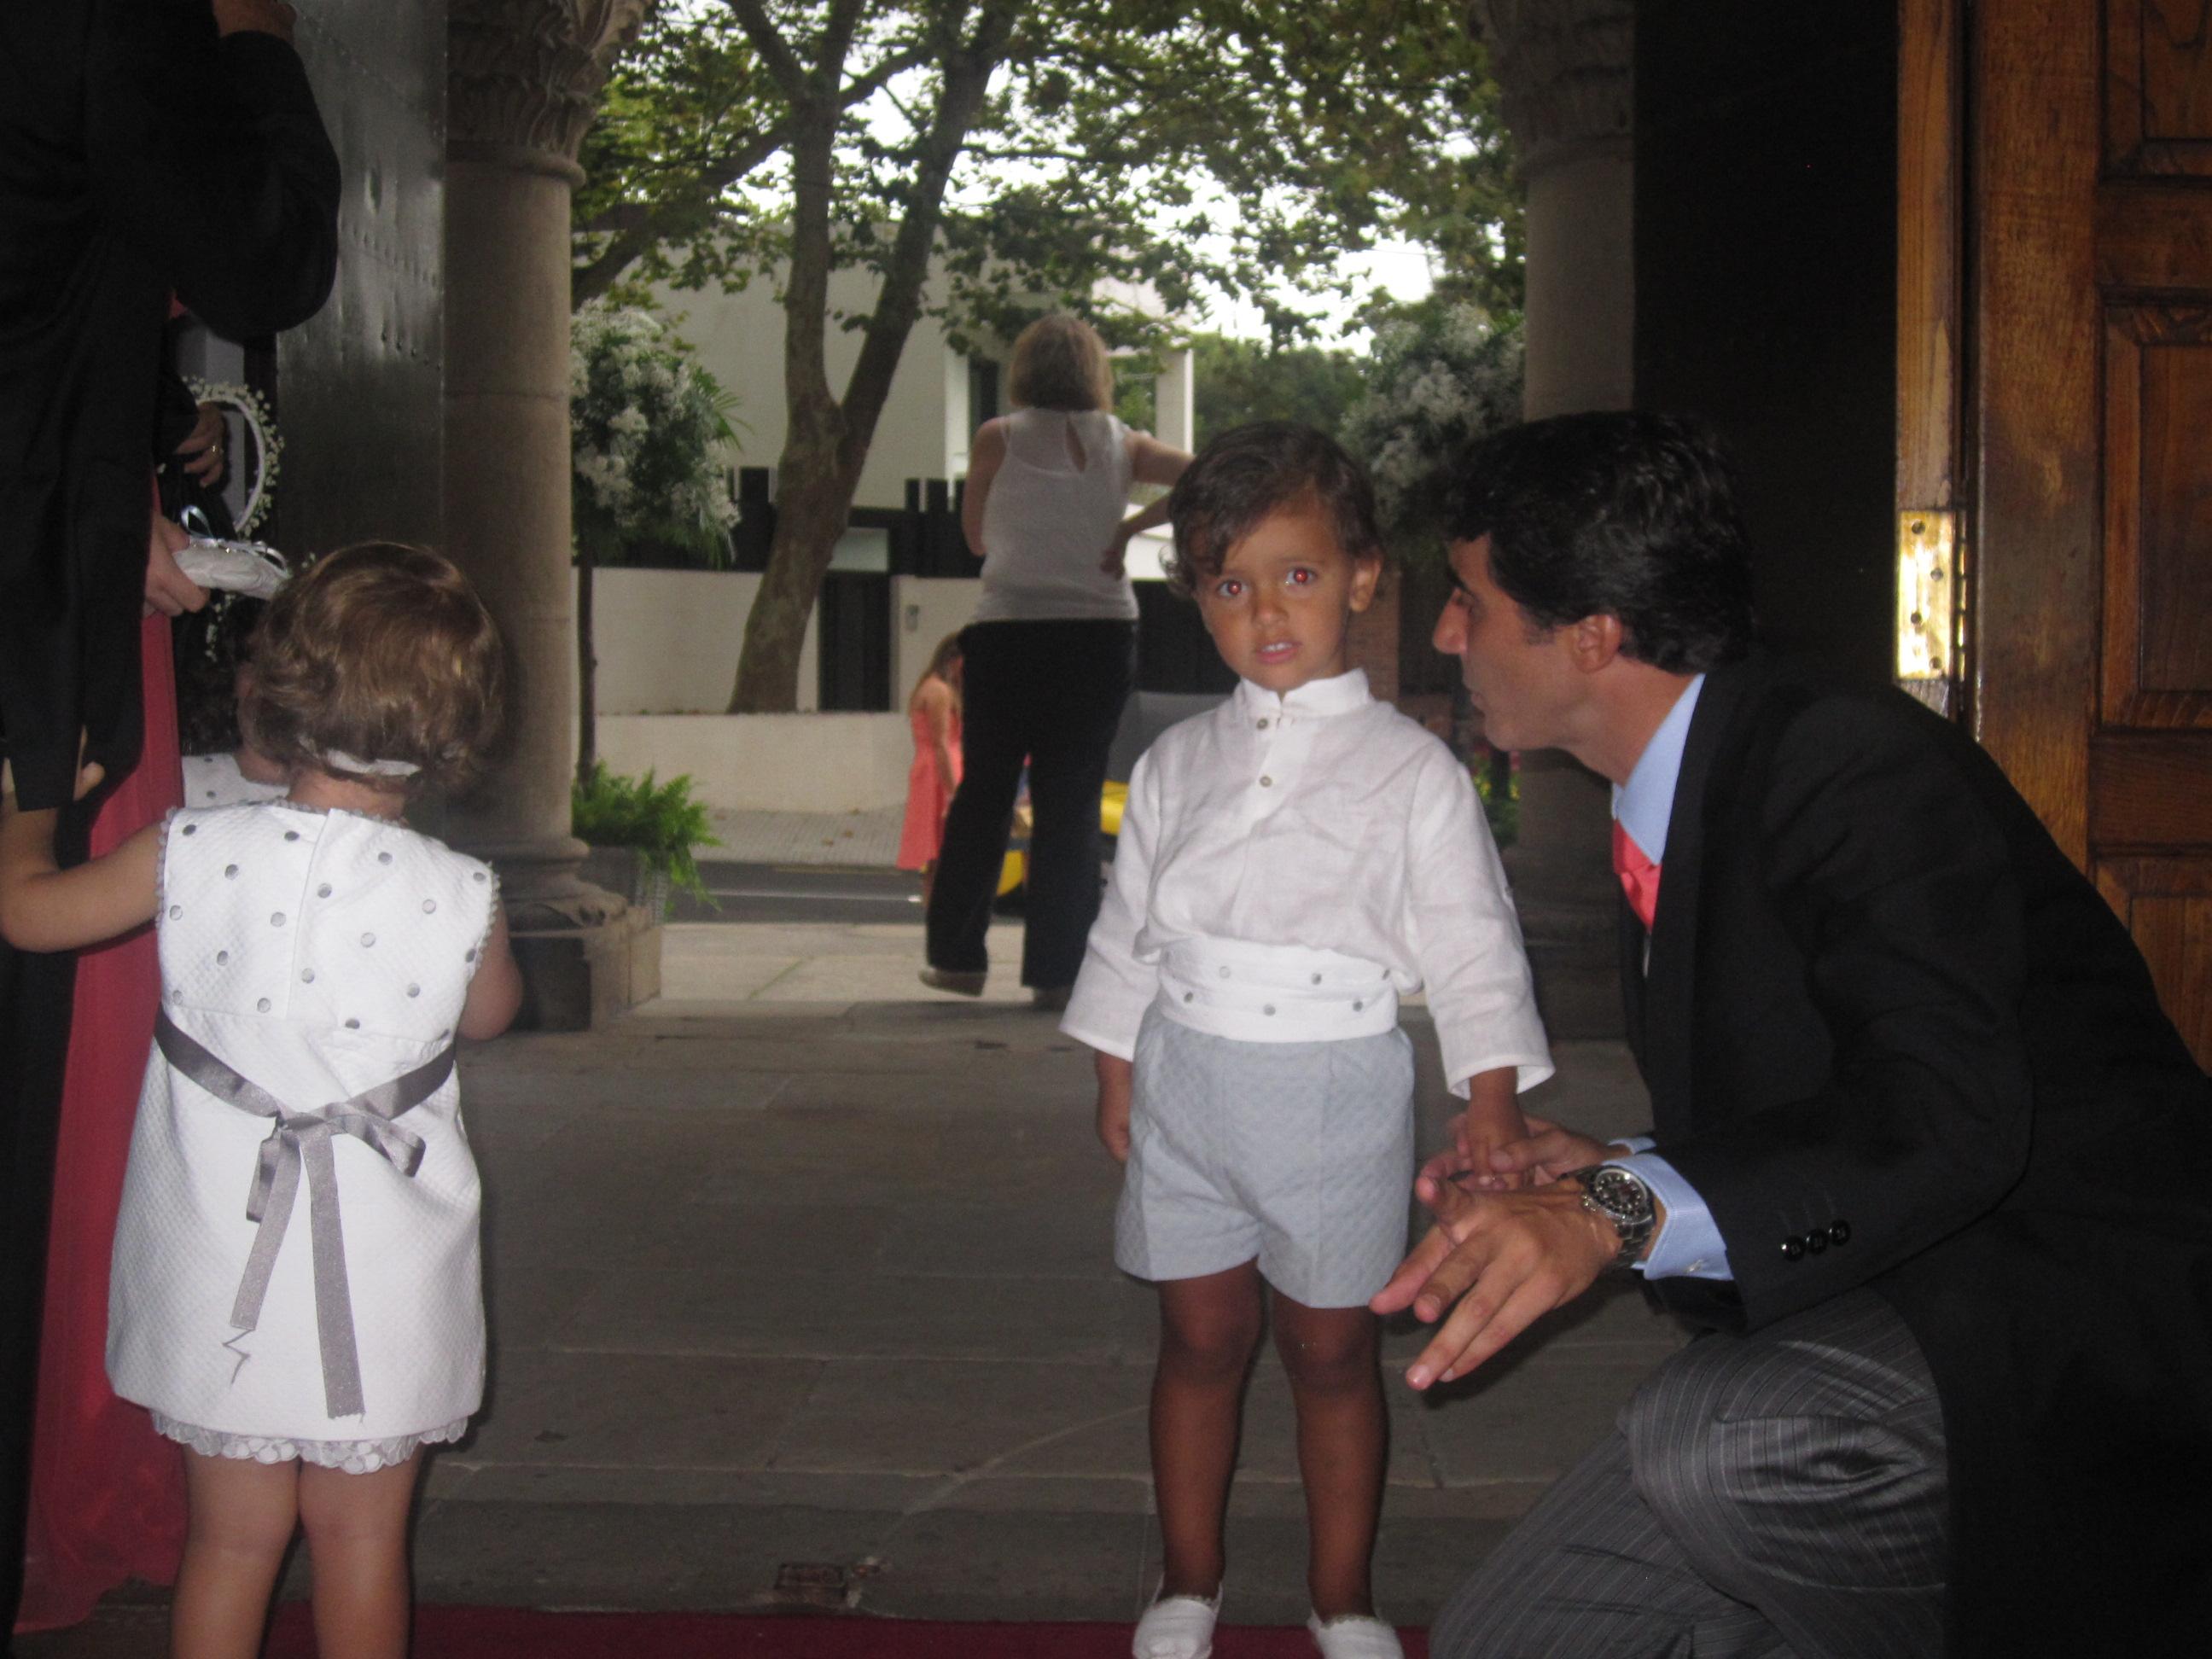 La boda de mi hermano... con los niños - No soy una Drama Mamá